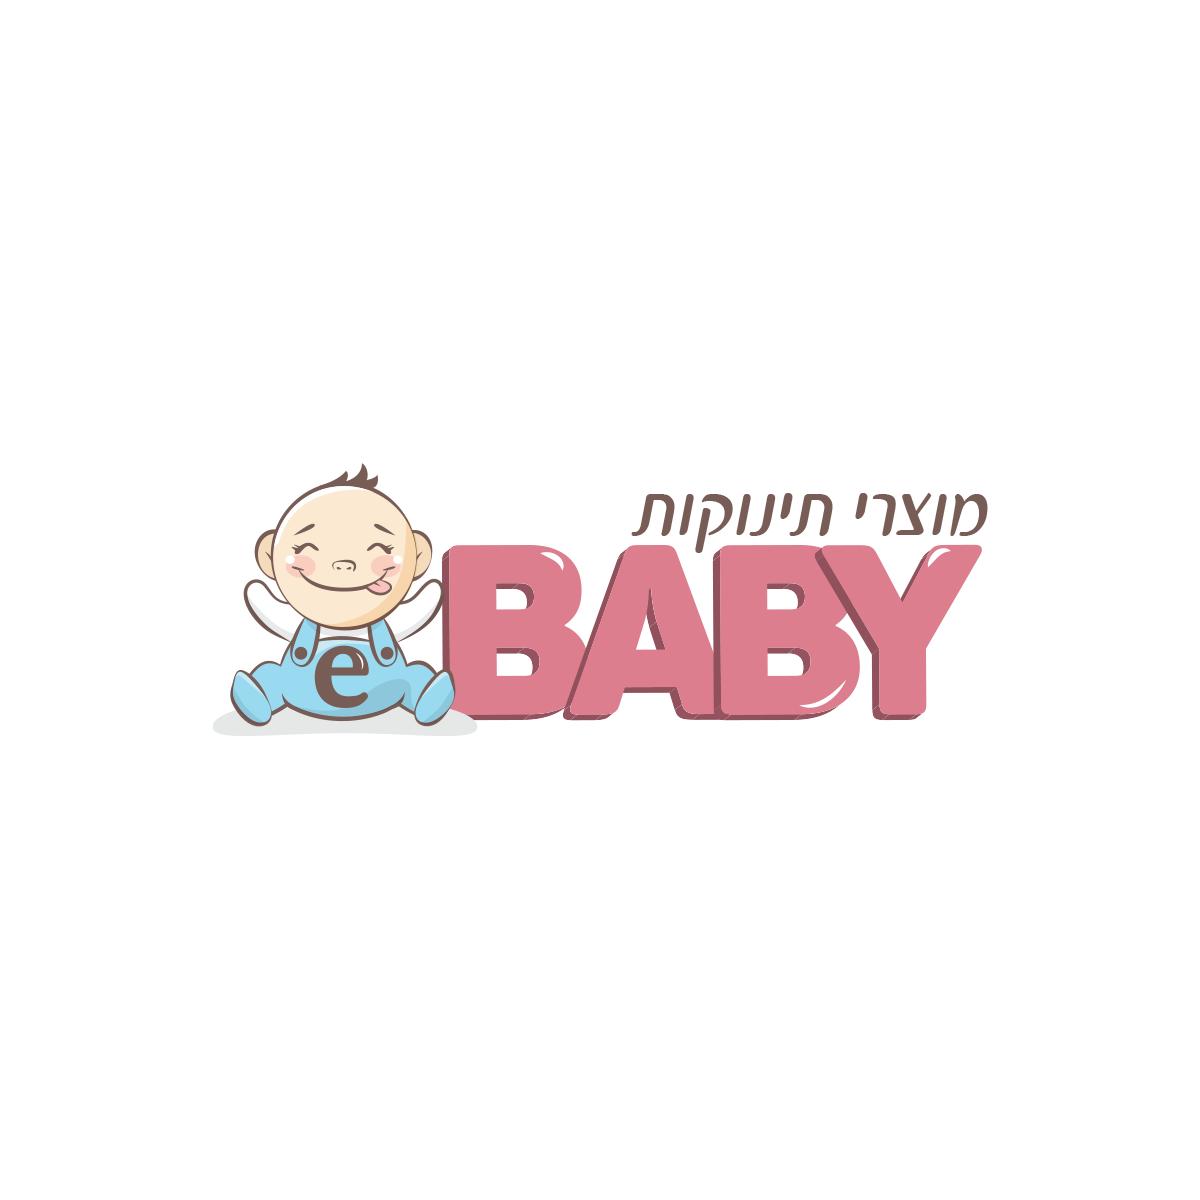 עיצוב לוגו איבייבי